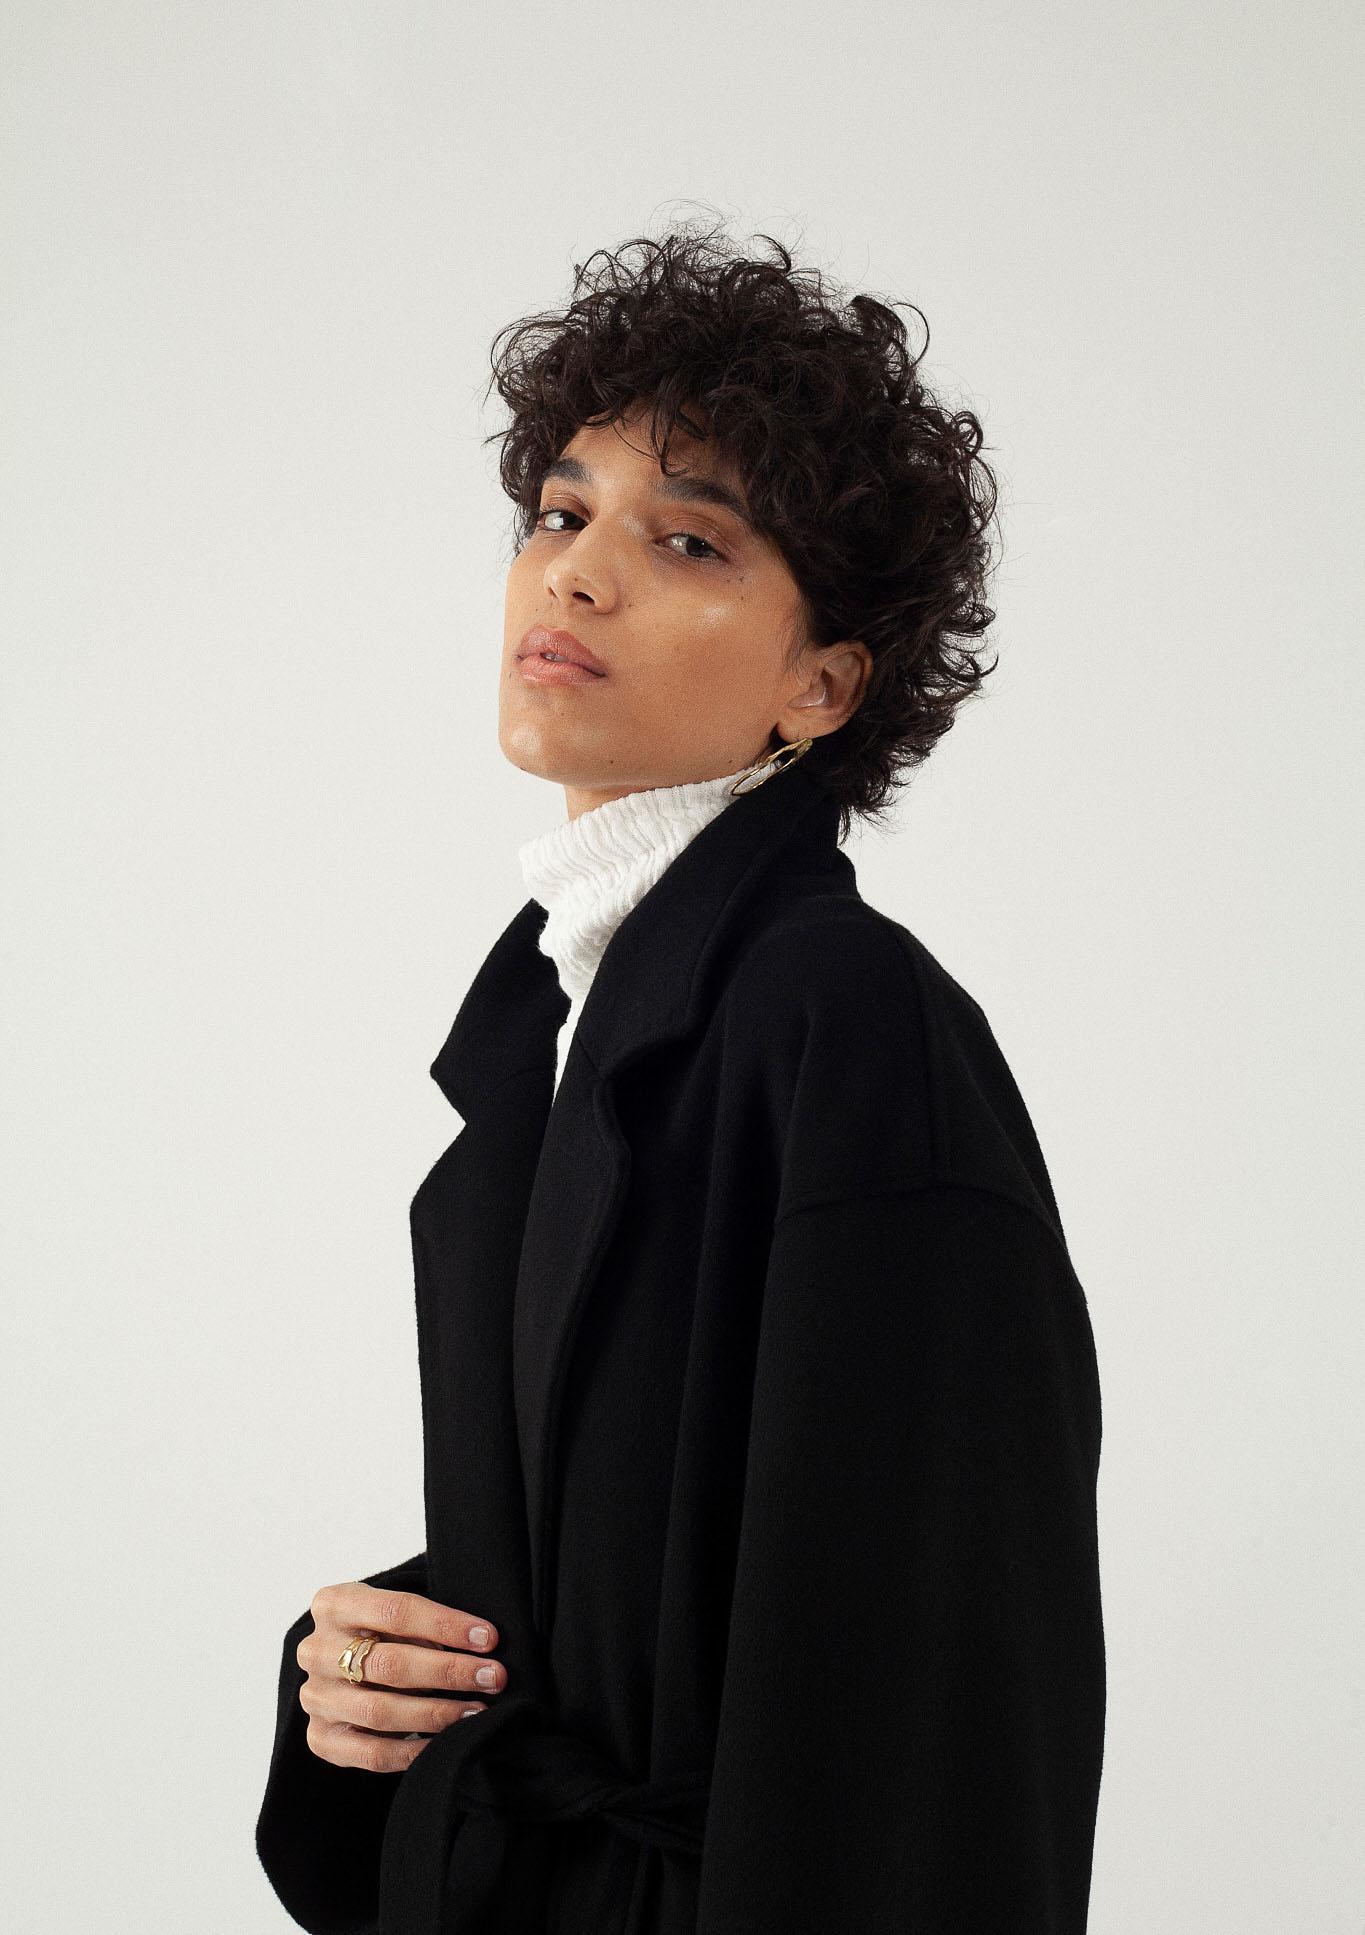 Manteau long noir oversize laine et cachemire par le créateur Tremblepierre. Les Essentiels chez AFFAIRES ÉTRANGÈRES - 2